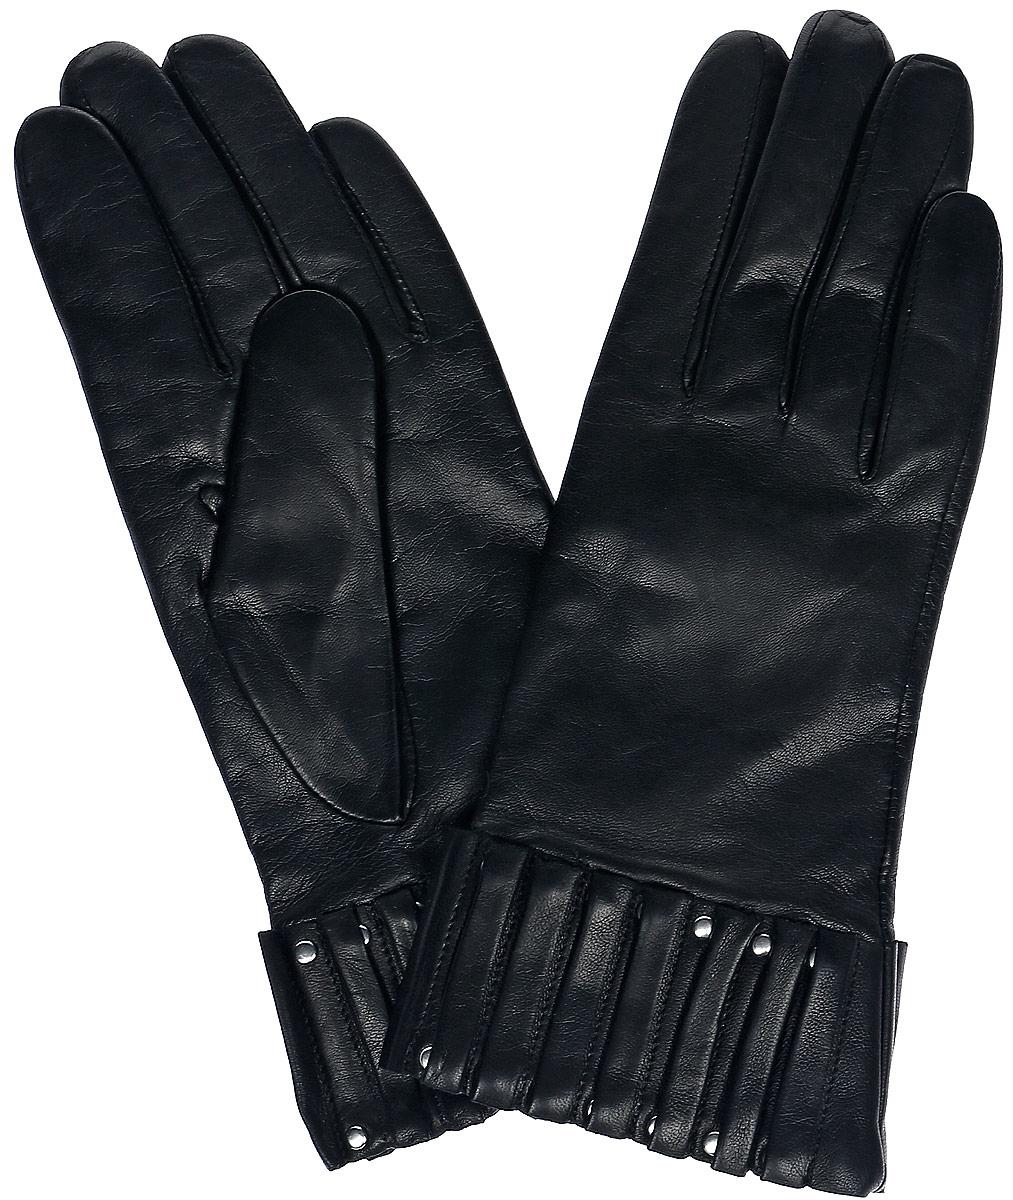 Перчатки11_WELATTE/BL//11Женские перчатки Dali Exclusive не только защитят ваши руки, но и станут великолепным украшением. Перчатки выполнены из натуральной кожи, а подкладка - из высококачественной шерсти. Модель оформлена декоративными складками.